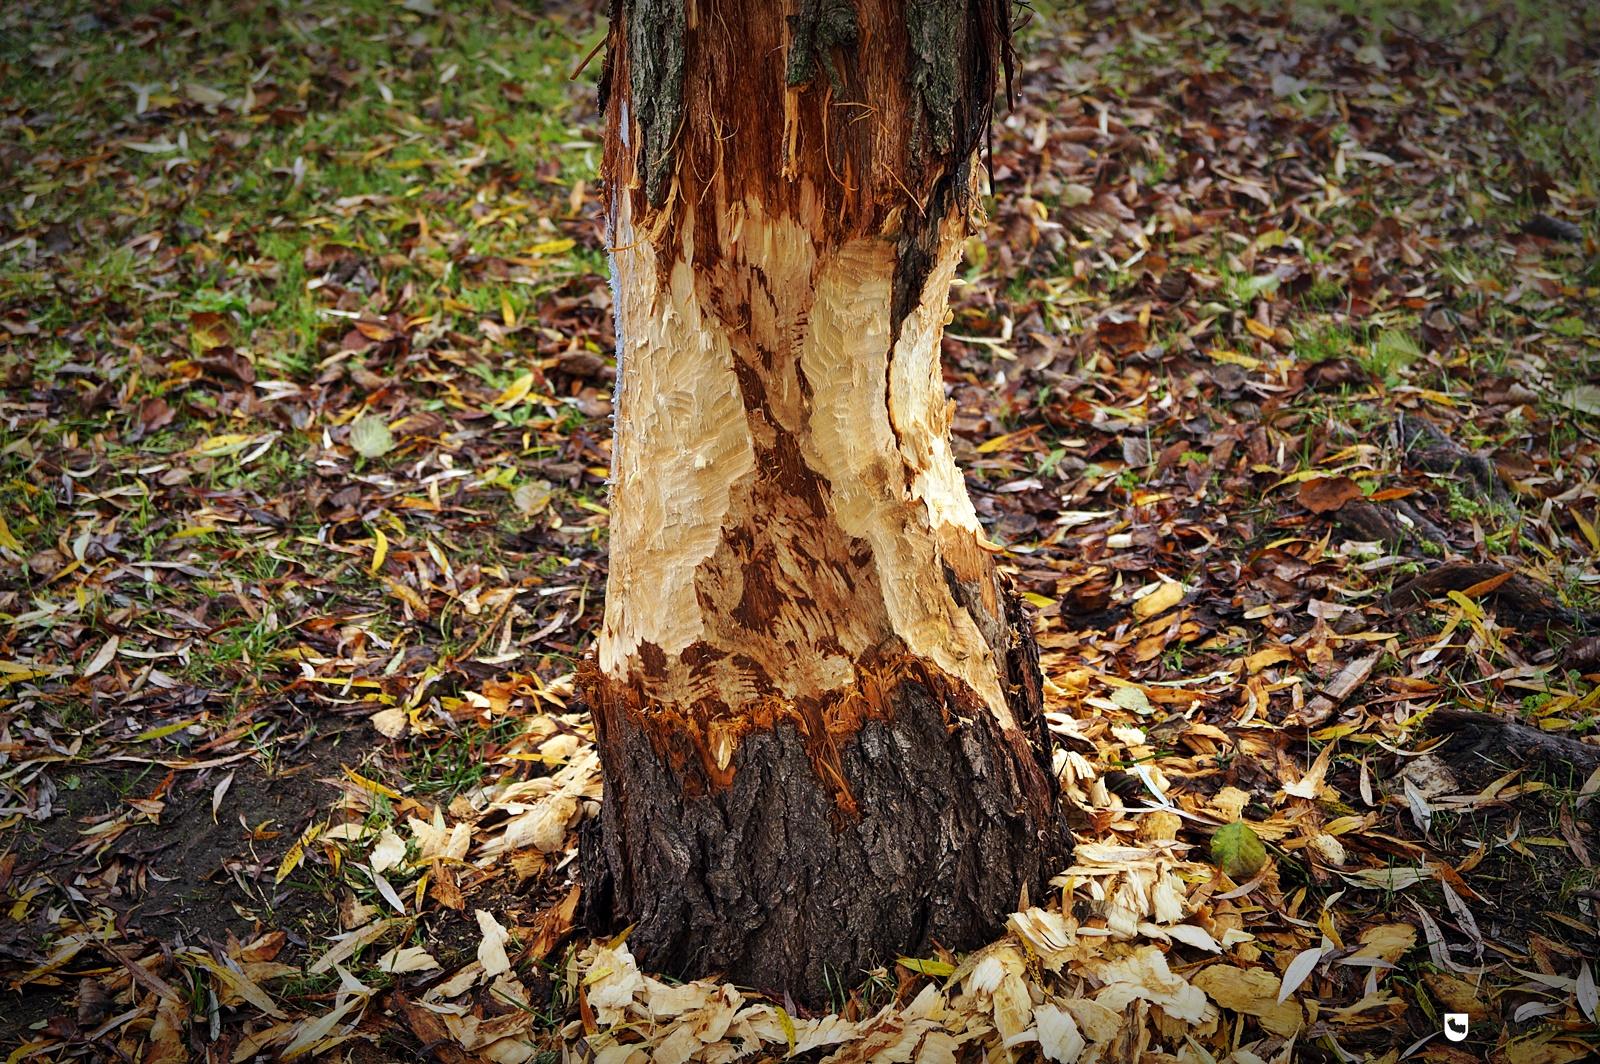 Bobry znów niszczą drzewa. Ratunkiem metalowa siatka